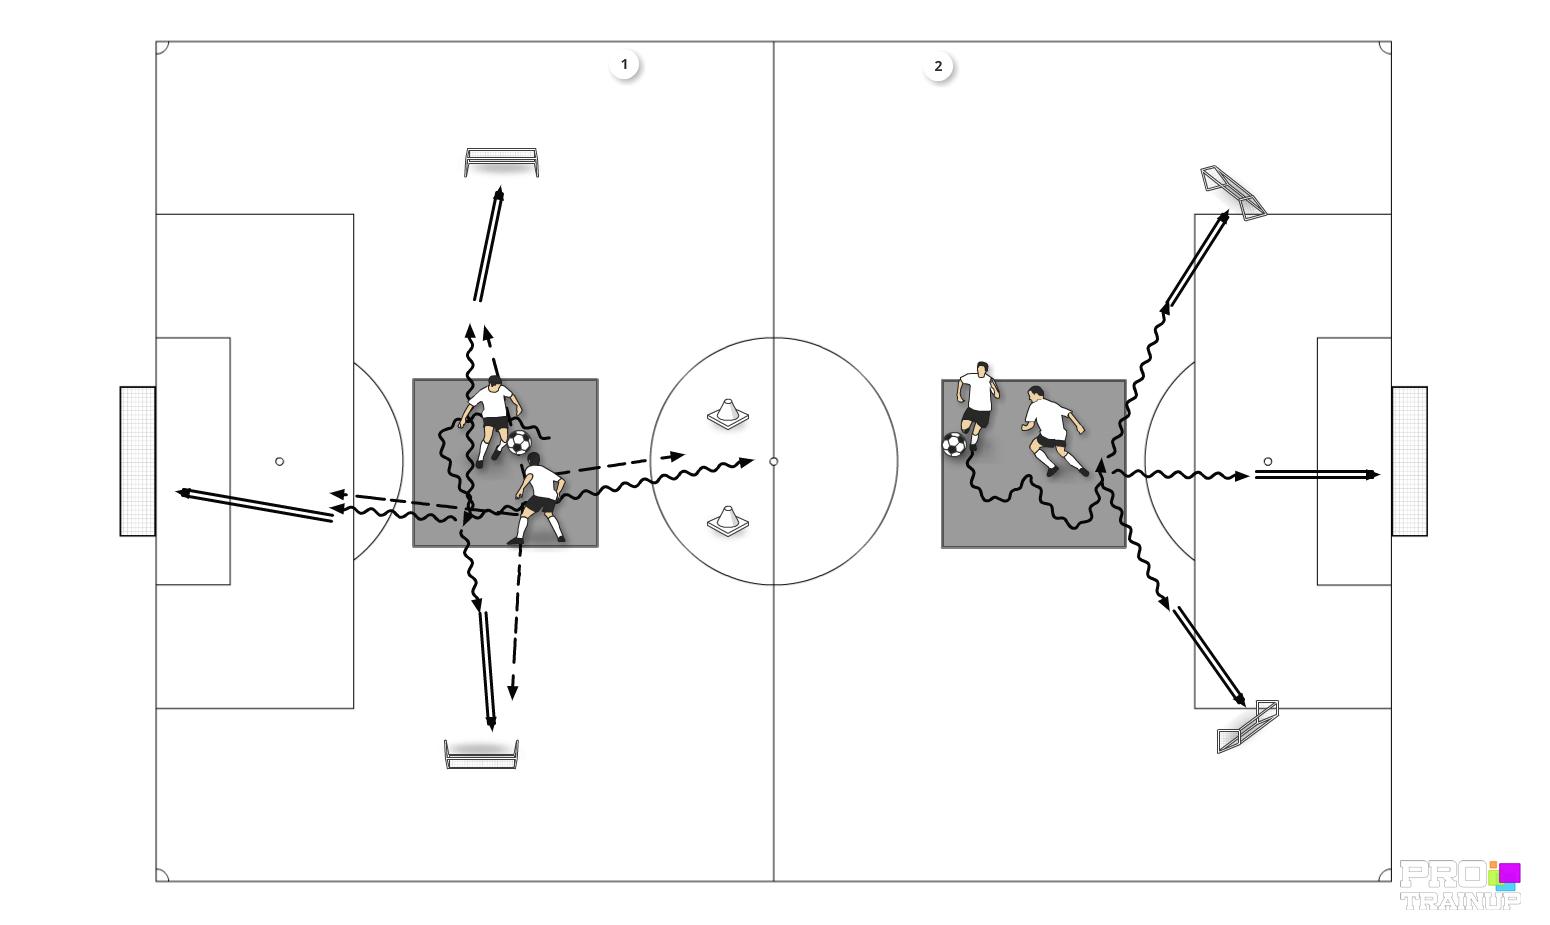 Gra 1vs1 ze zmianą tempa gry i prowadzeniem nogą dalszą od przeciwnika